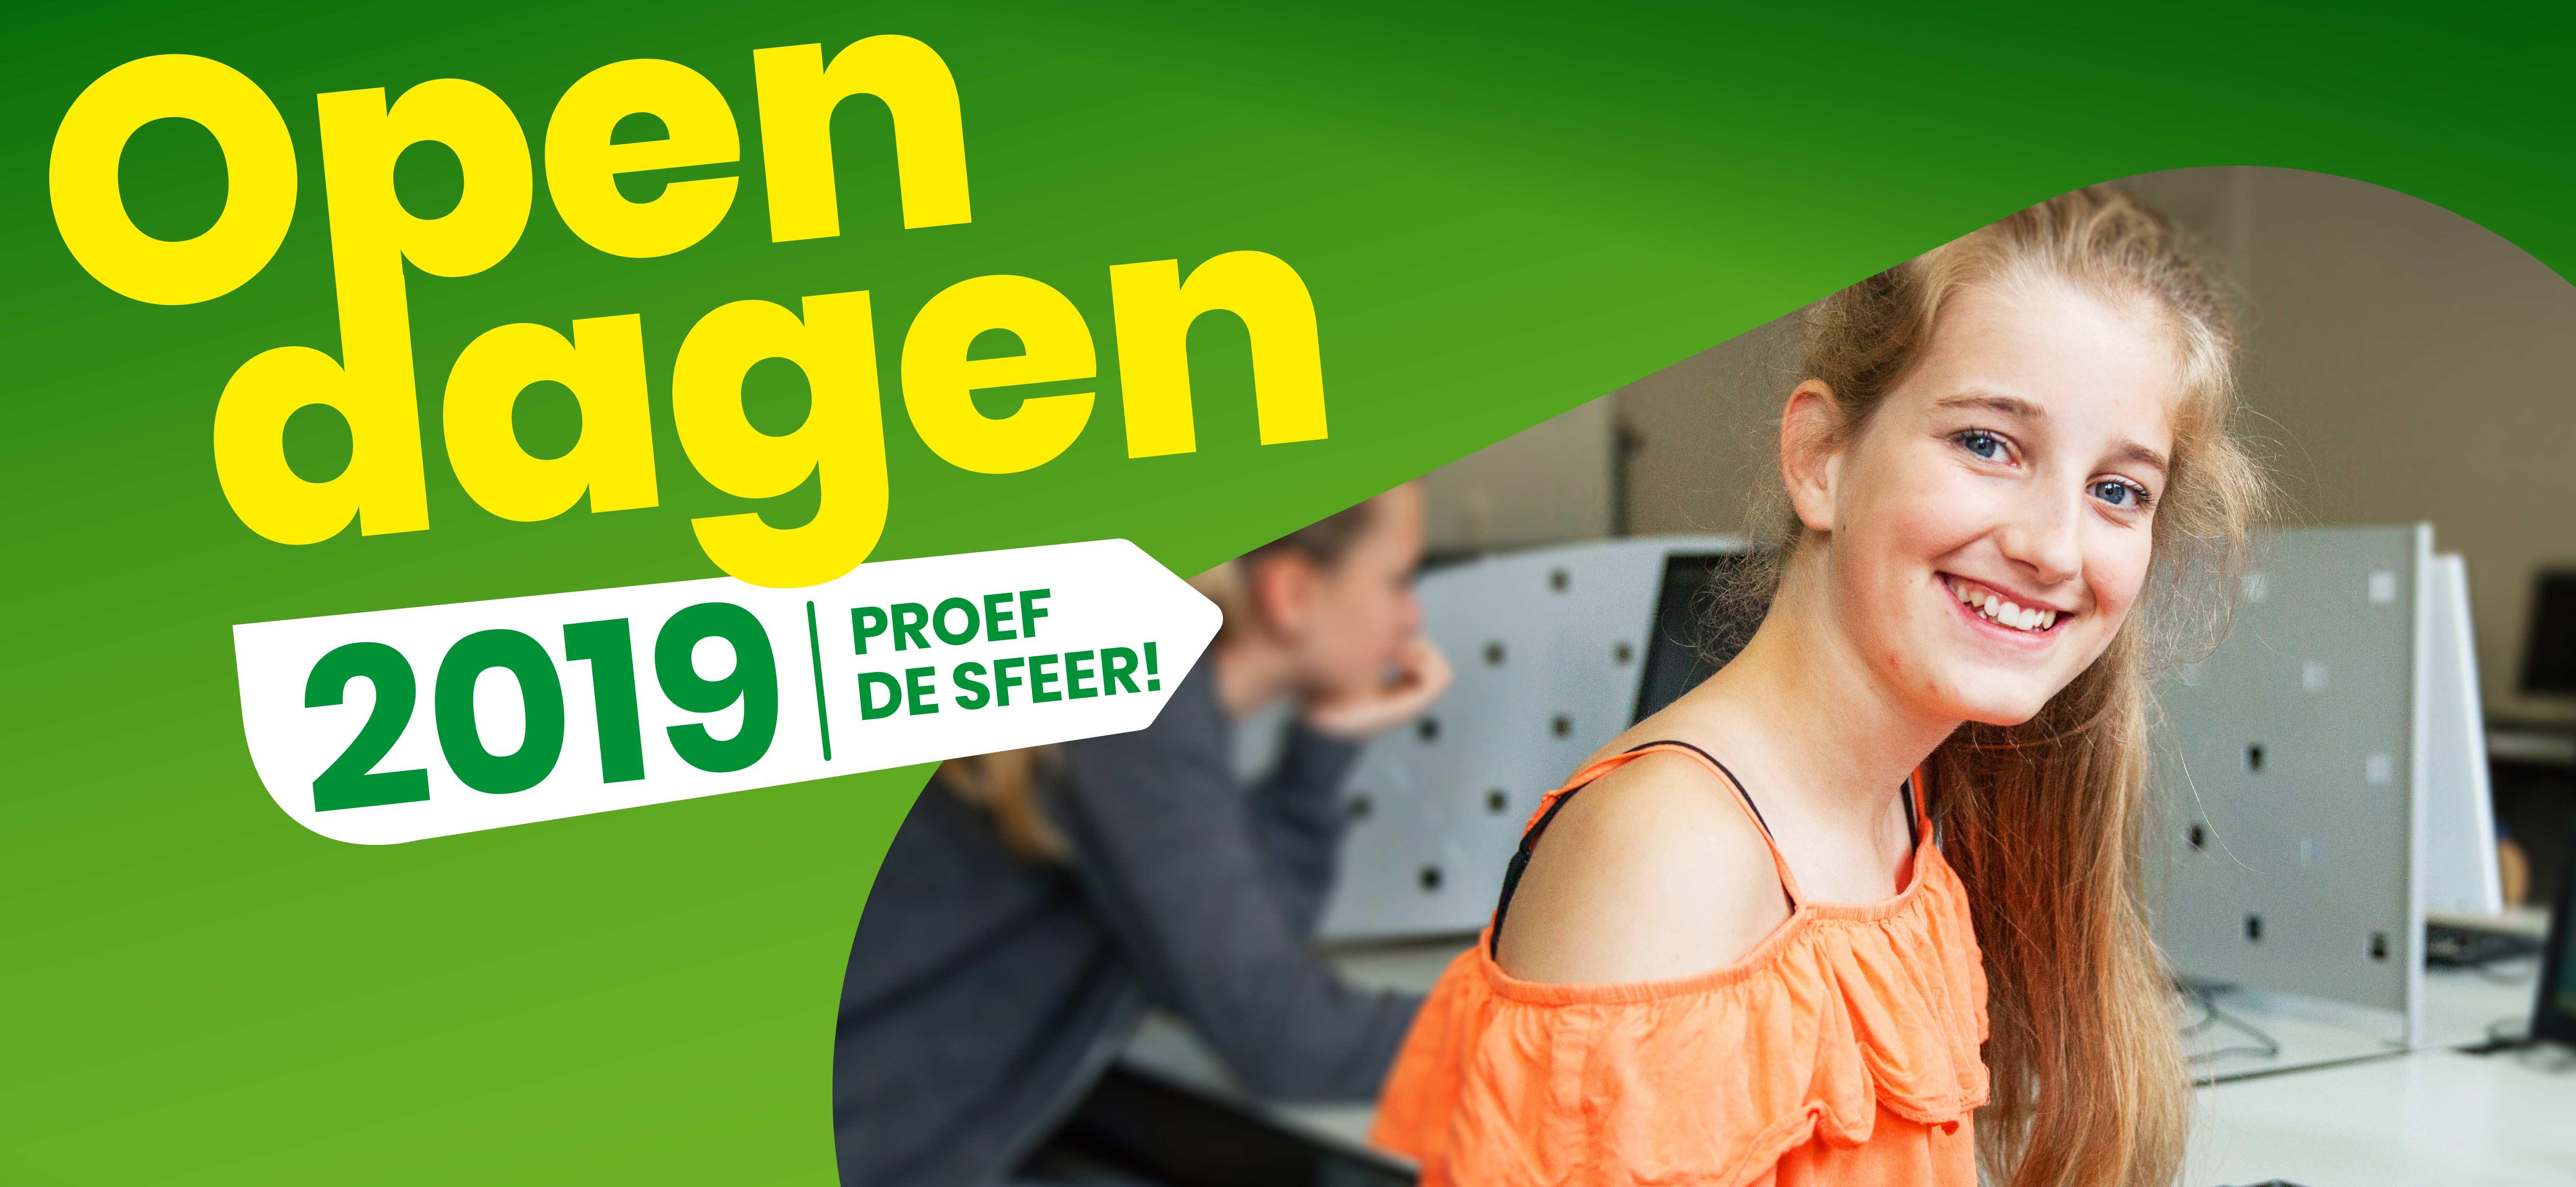 https://www.ubboemmius.nl/wp-content/uploads/2018/12/20181121_ubboemmius_online_opendagen_campagne_PAGINA_HEADER_1920x885px.jpg